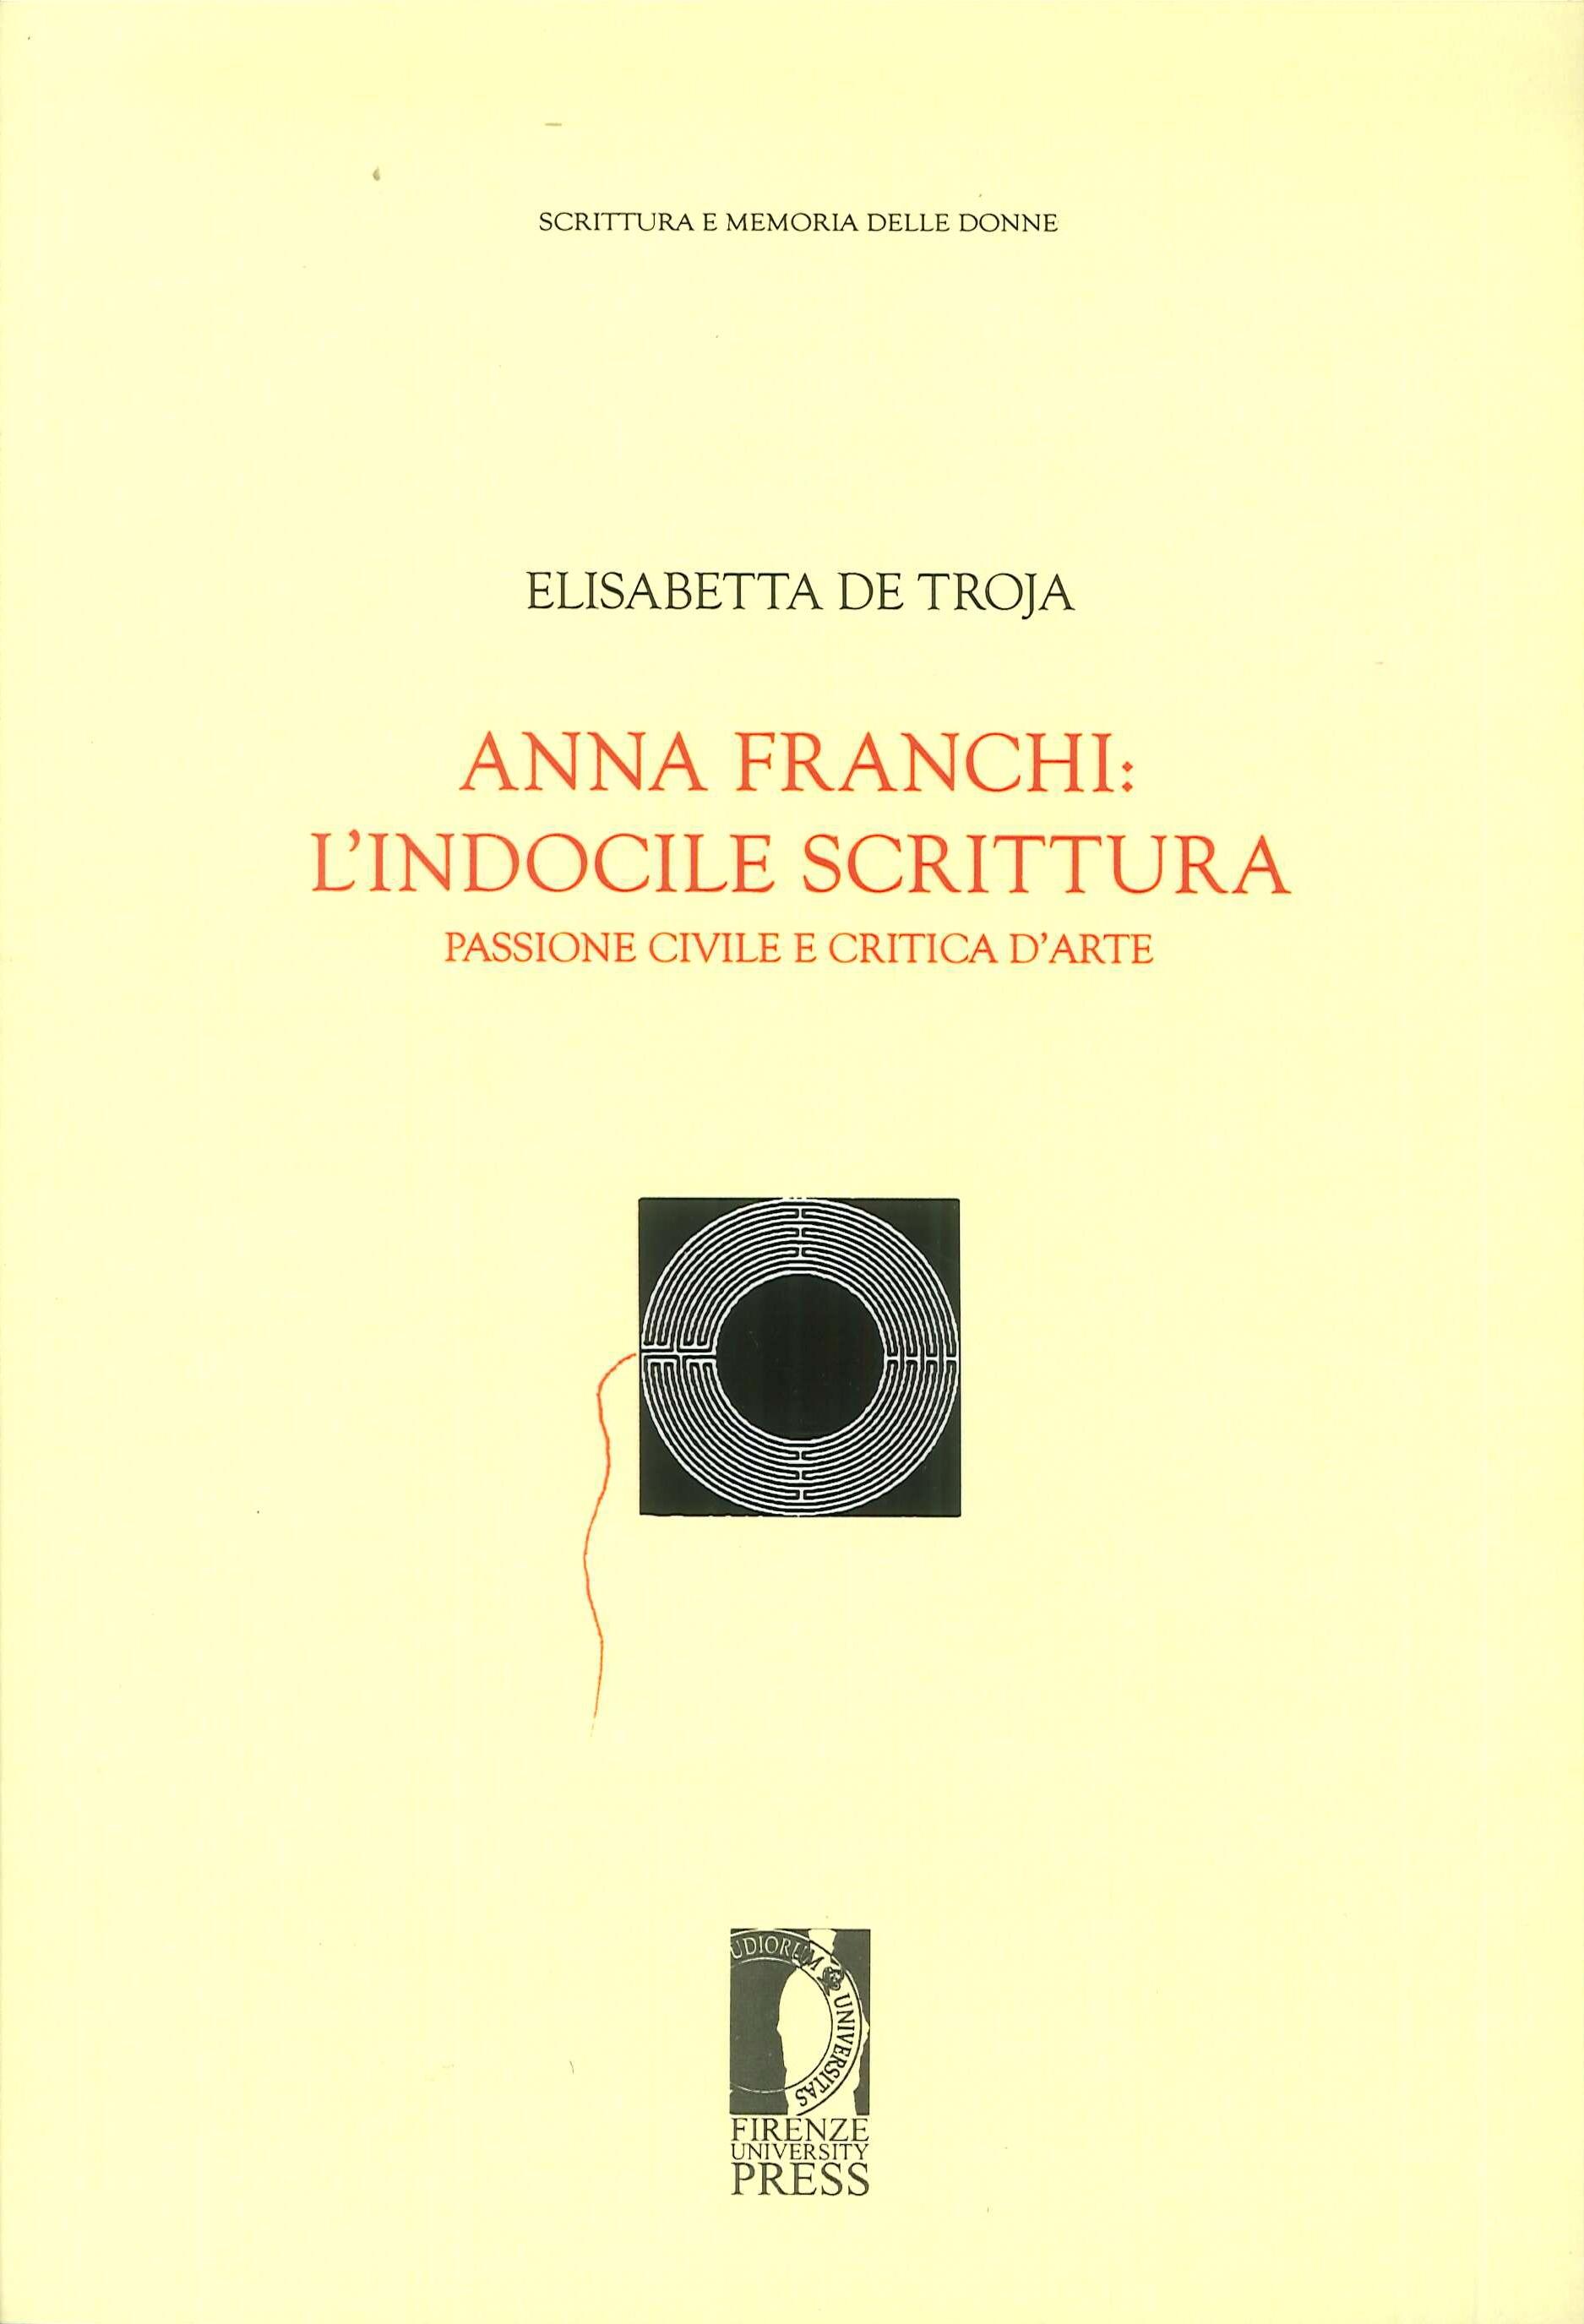 Anna Franchi: l'indocile scrittura. Passione civile e critica d'arte.